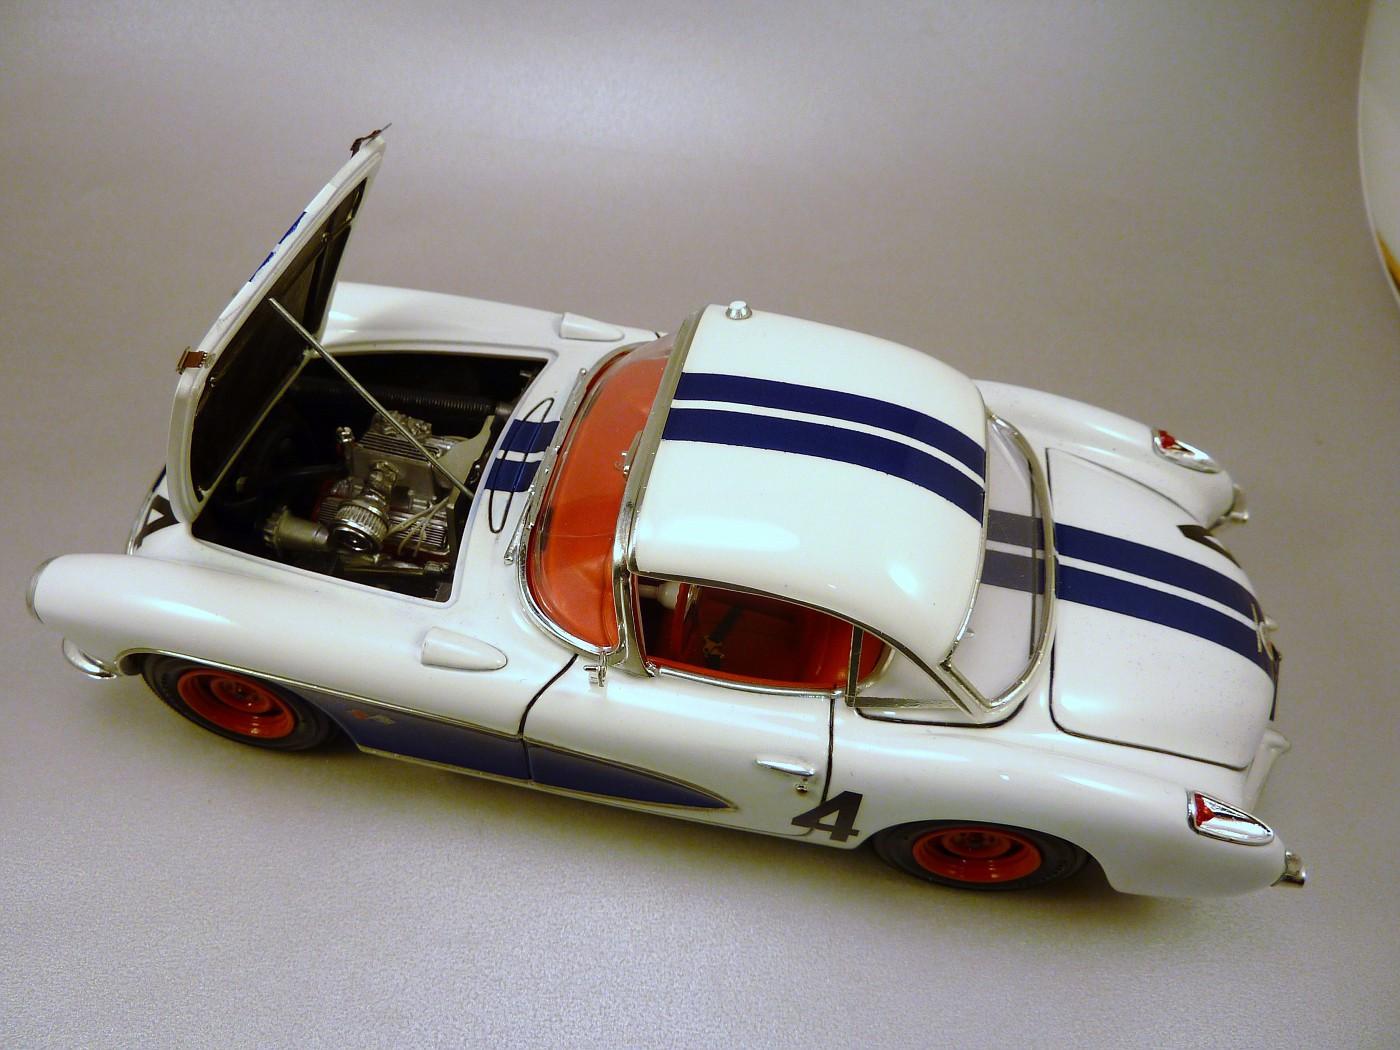 Corvette Sebring 57 terminée  RvetteSebring57DickThompson018-vi